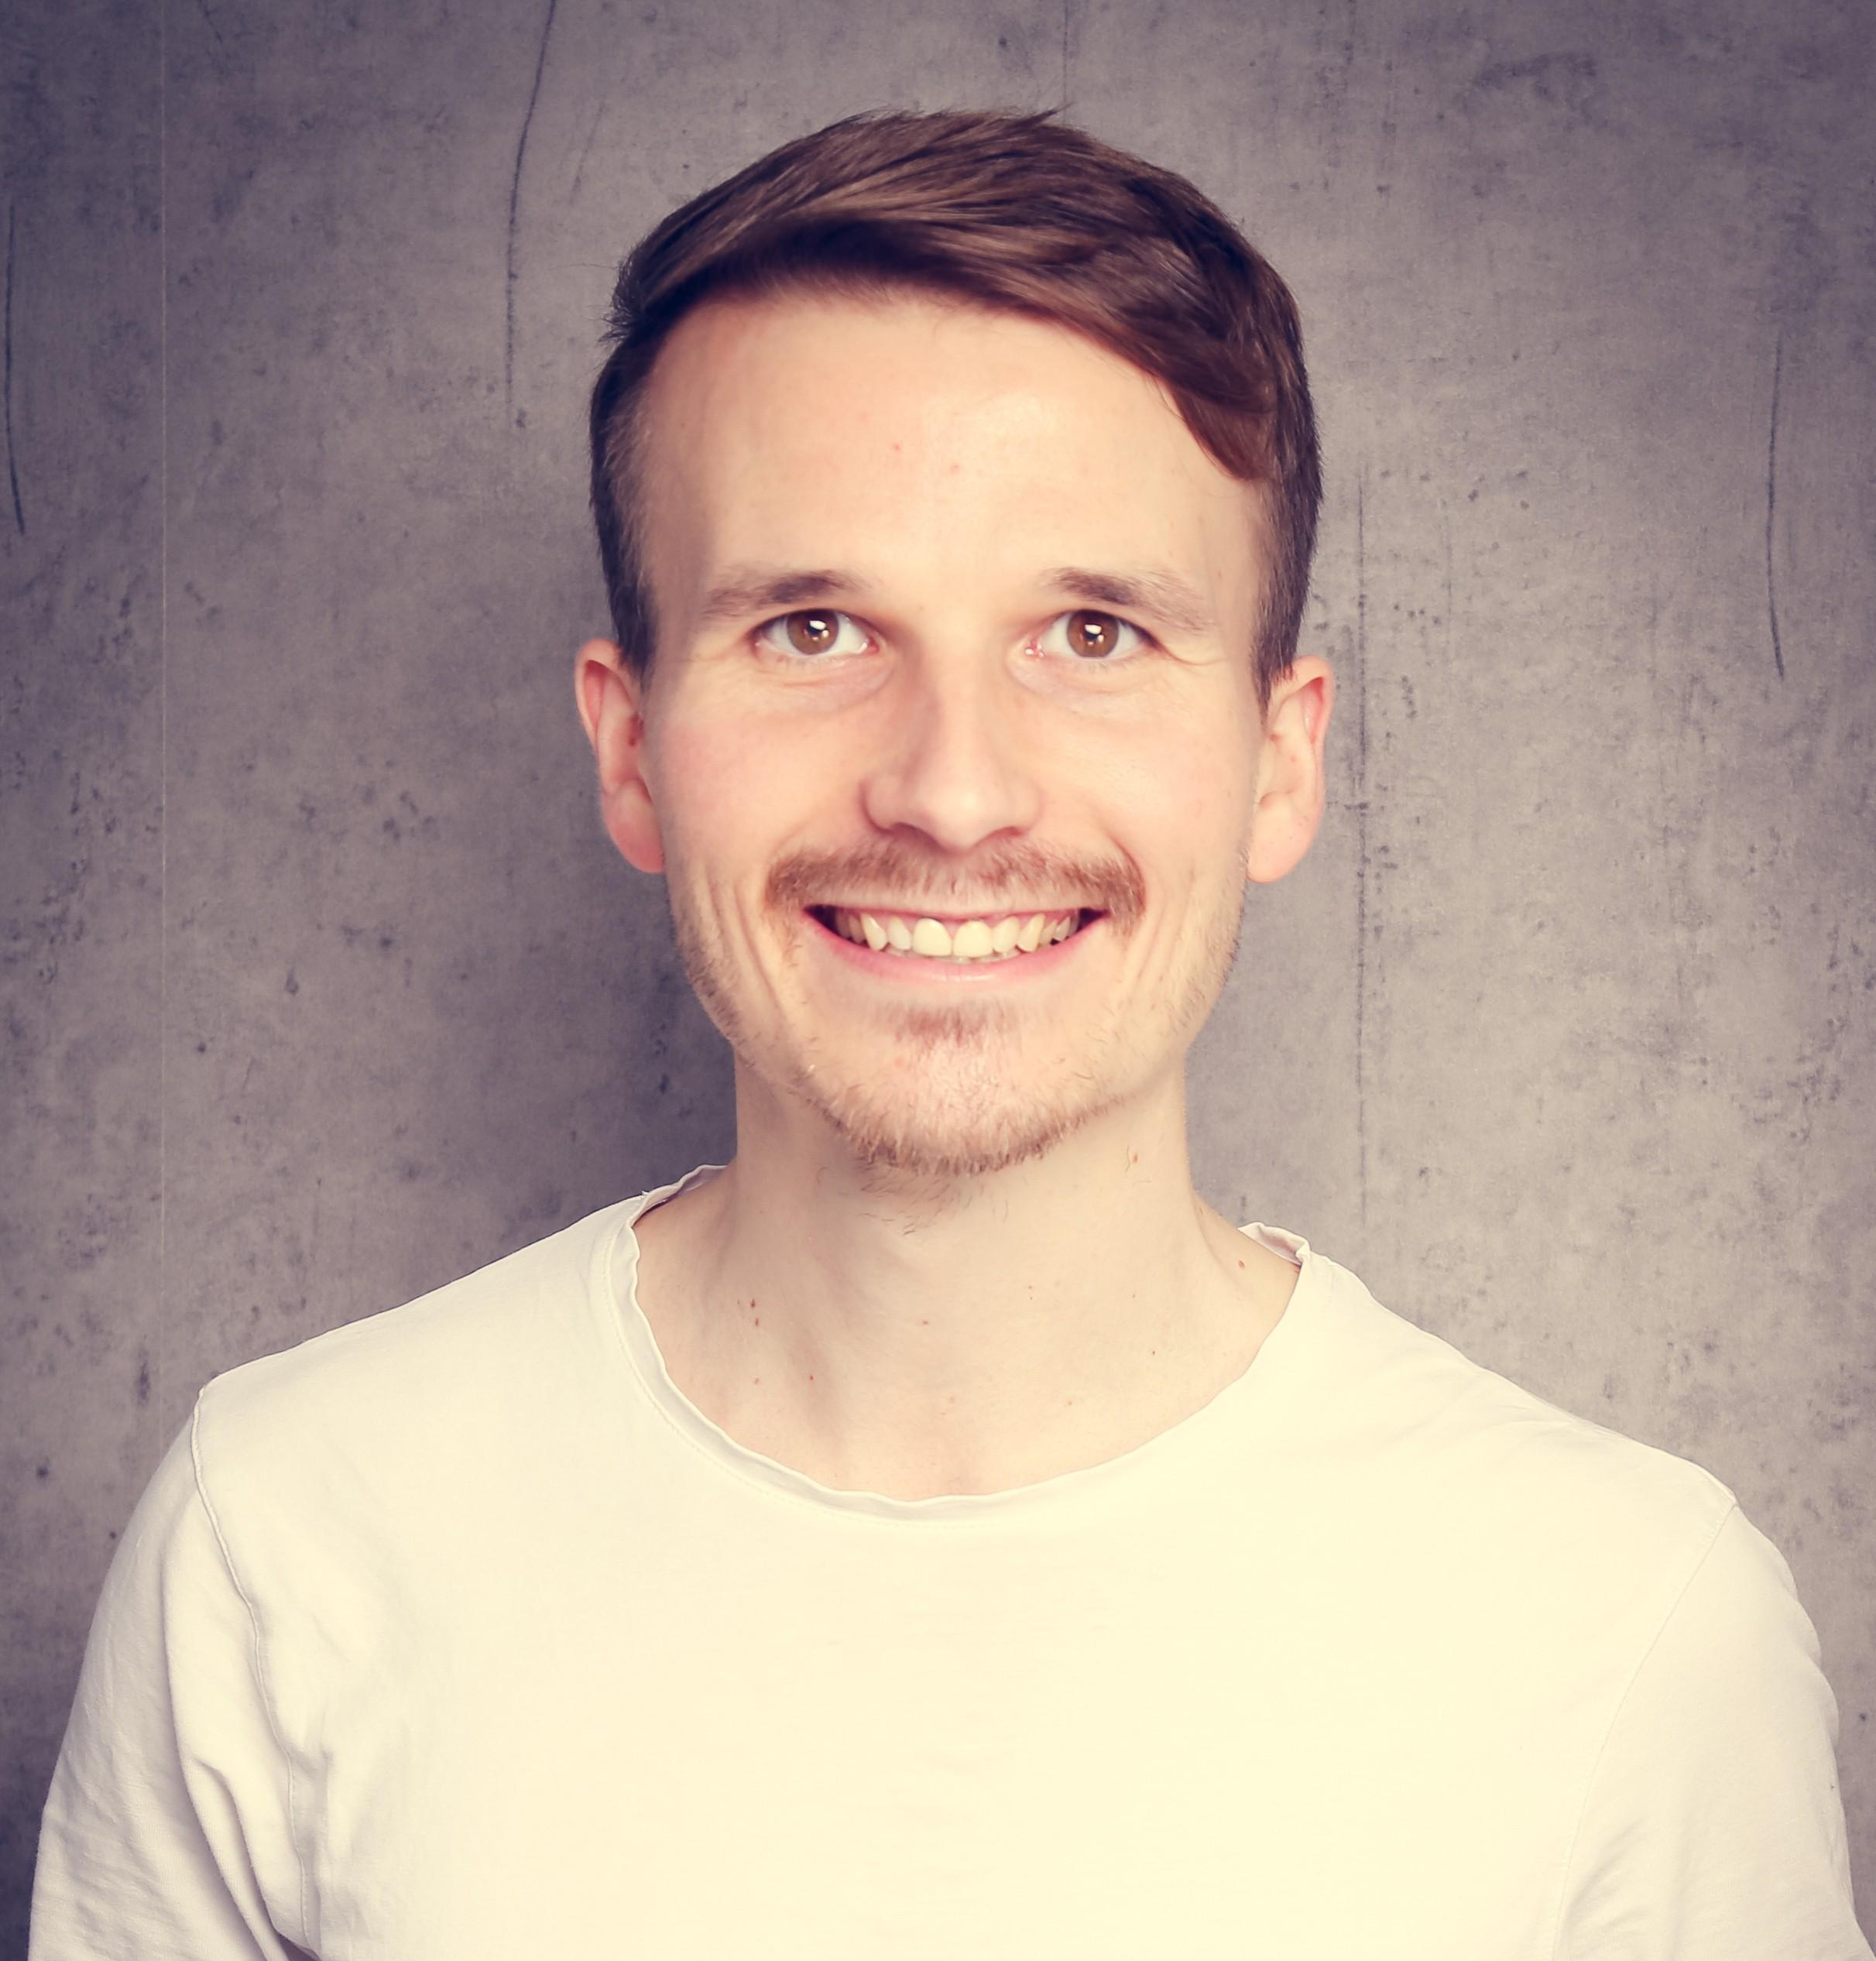 Michael Maleschka